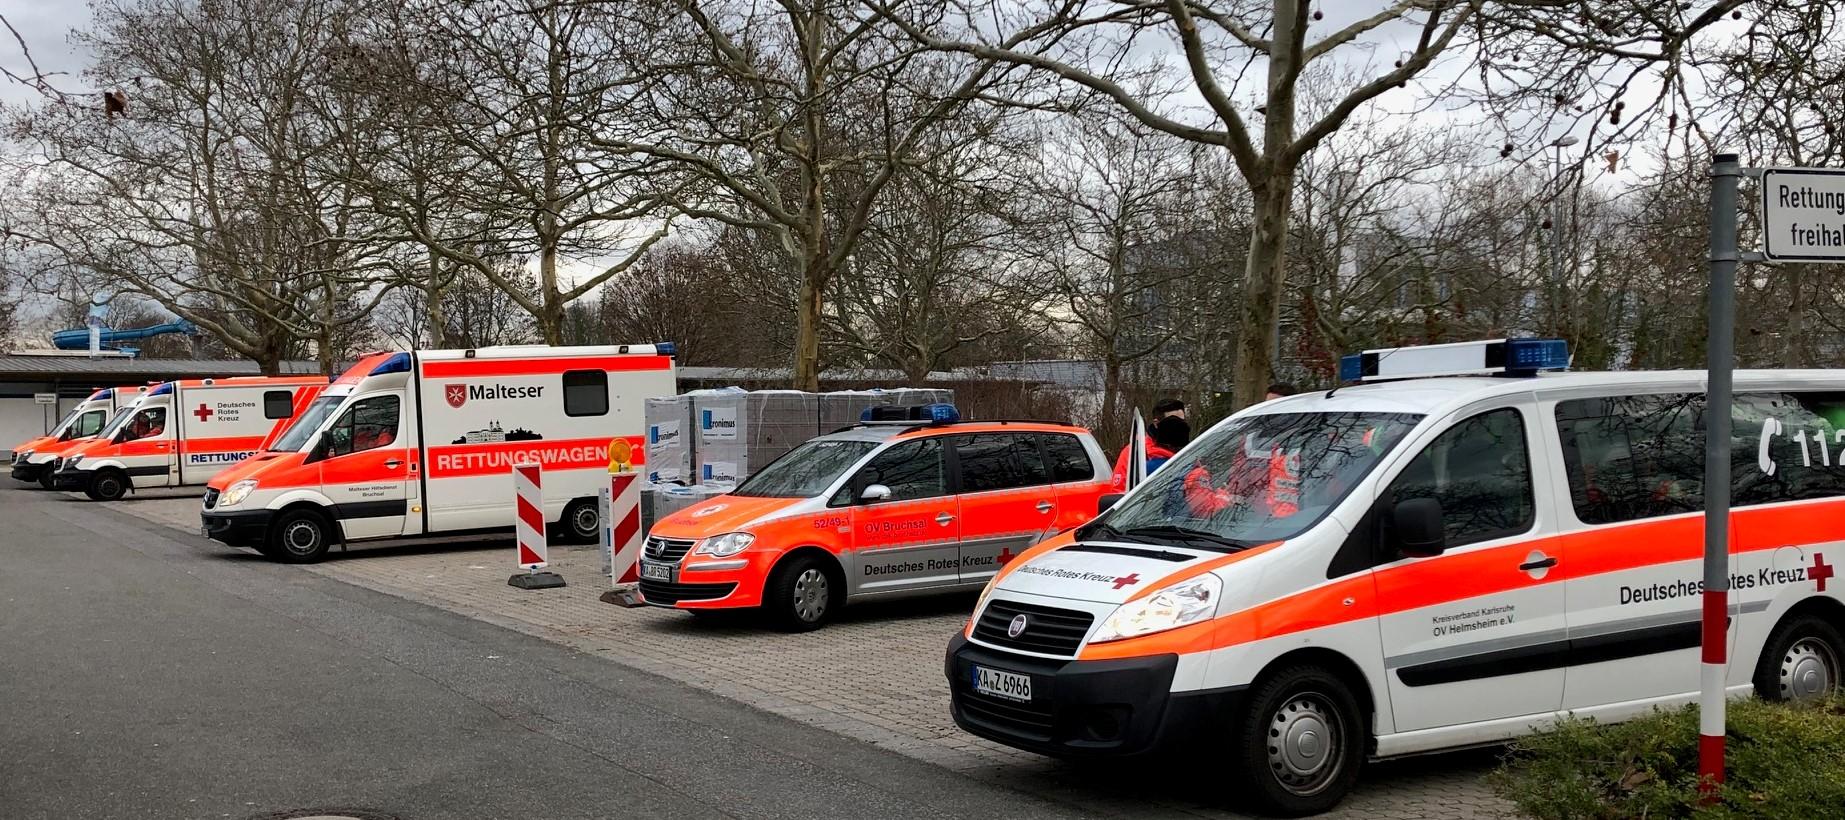 94046664b4363f Bombenfund in Bruchsal  Bombe erfolgreich entschärft